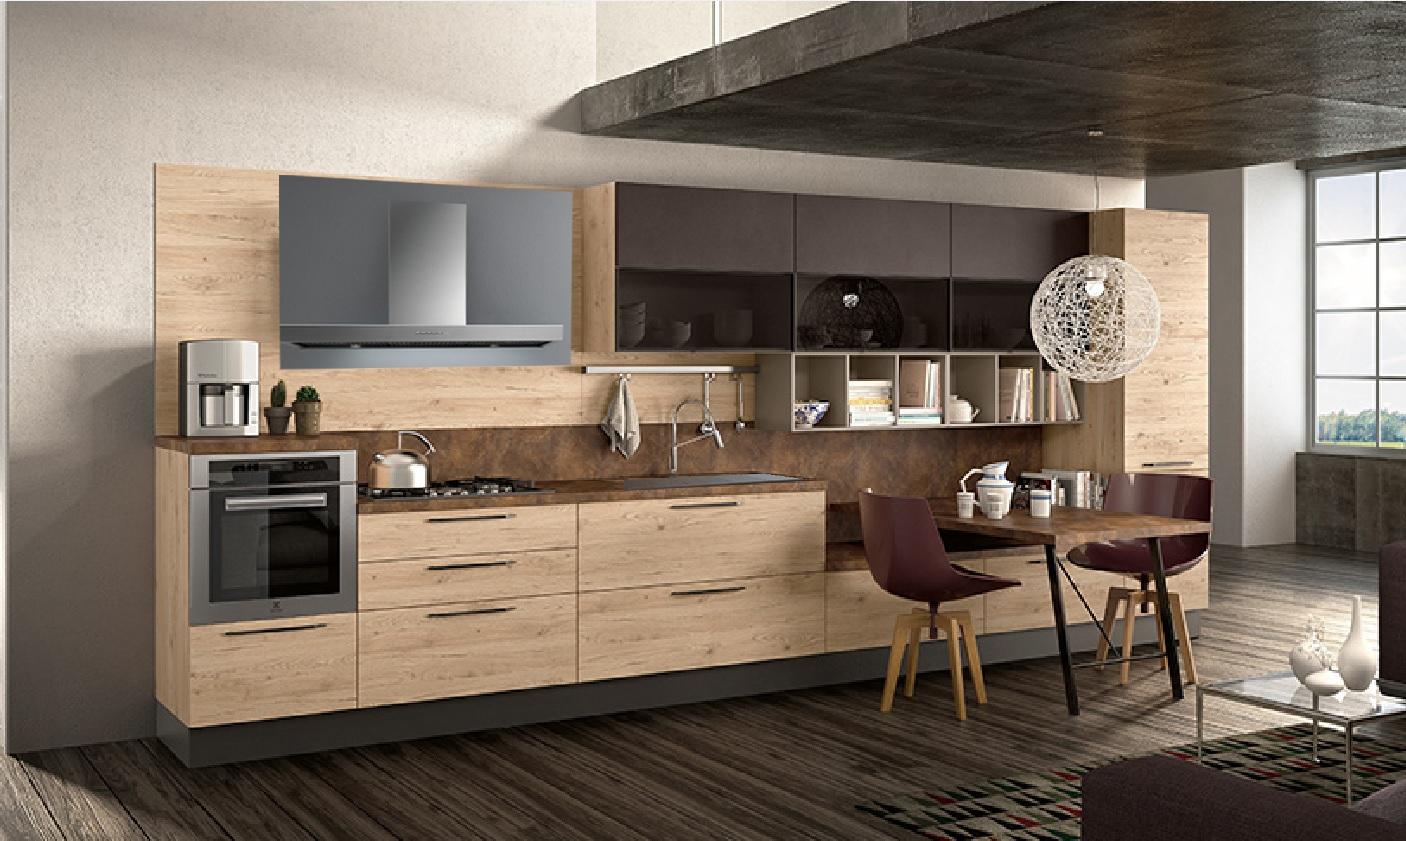 Cucina moderna lineare nature zen easy in offerta completa - Cucina con elettrodomestici ...